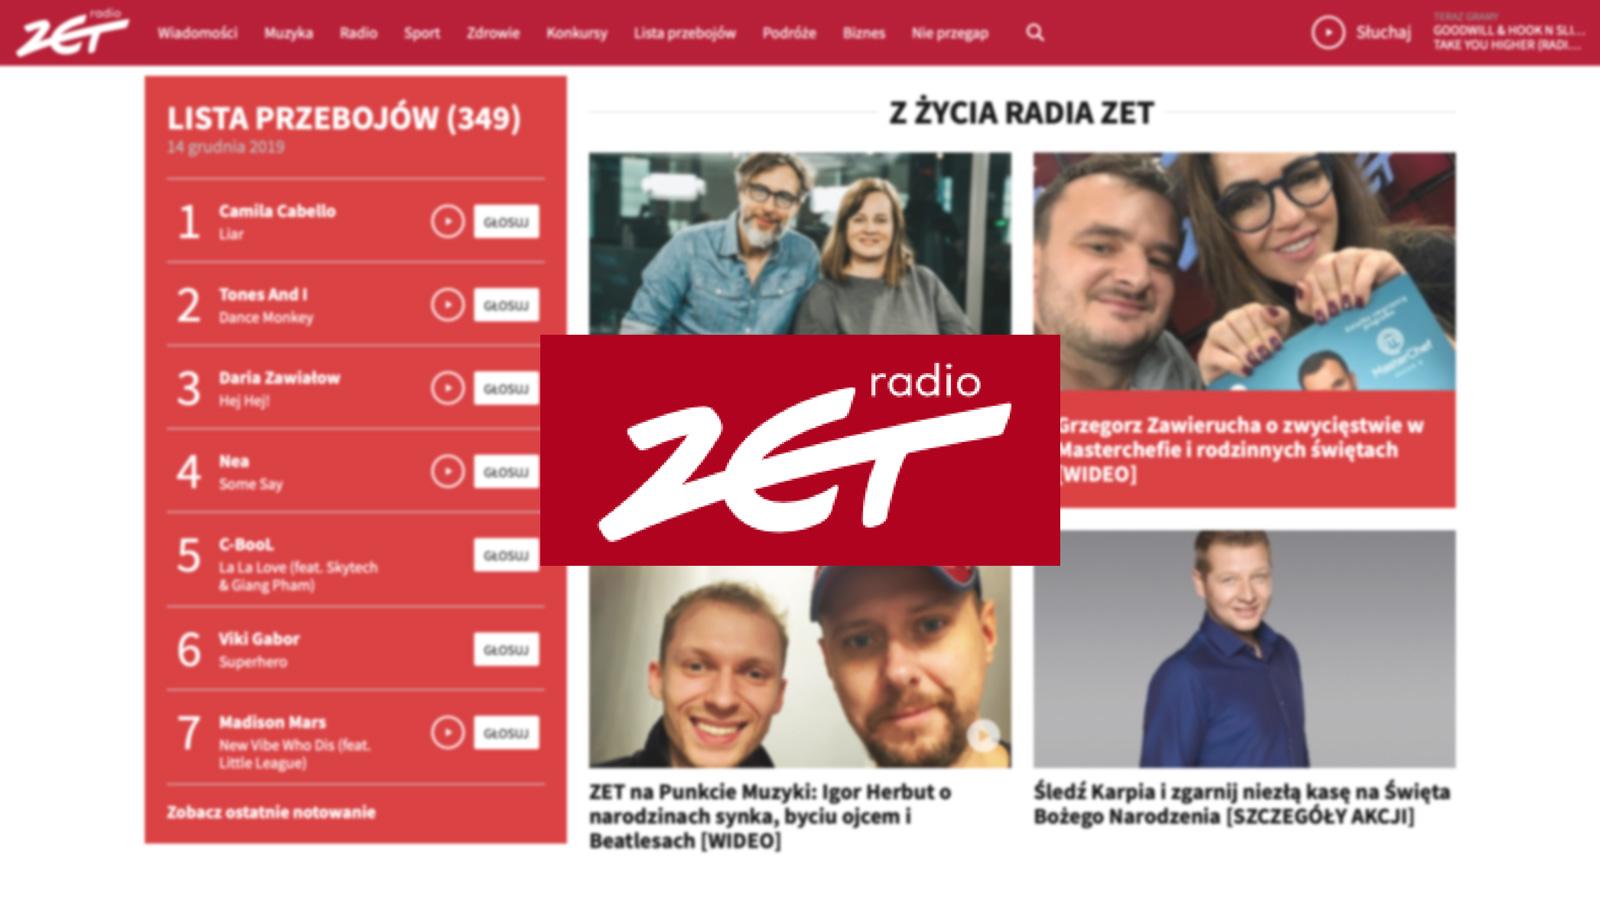 RadioZet.pl na pierwszym miejscu w rankingu serwisów Ranking mediarun radiozet www 2019